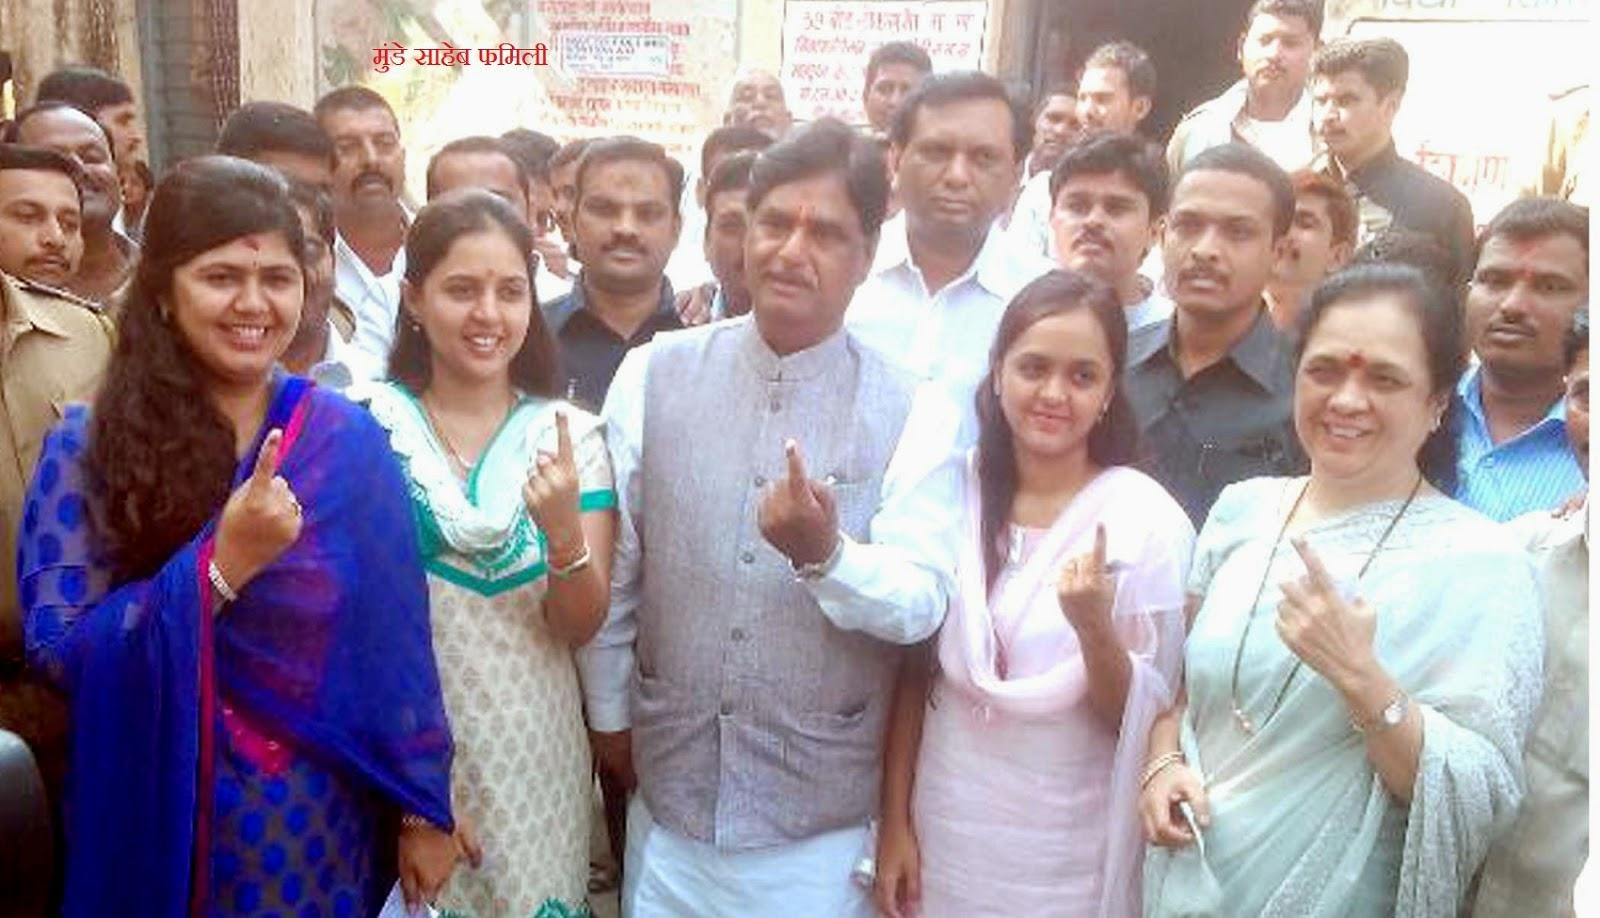 gopinath munde saheb family photo